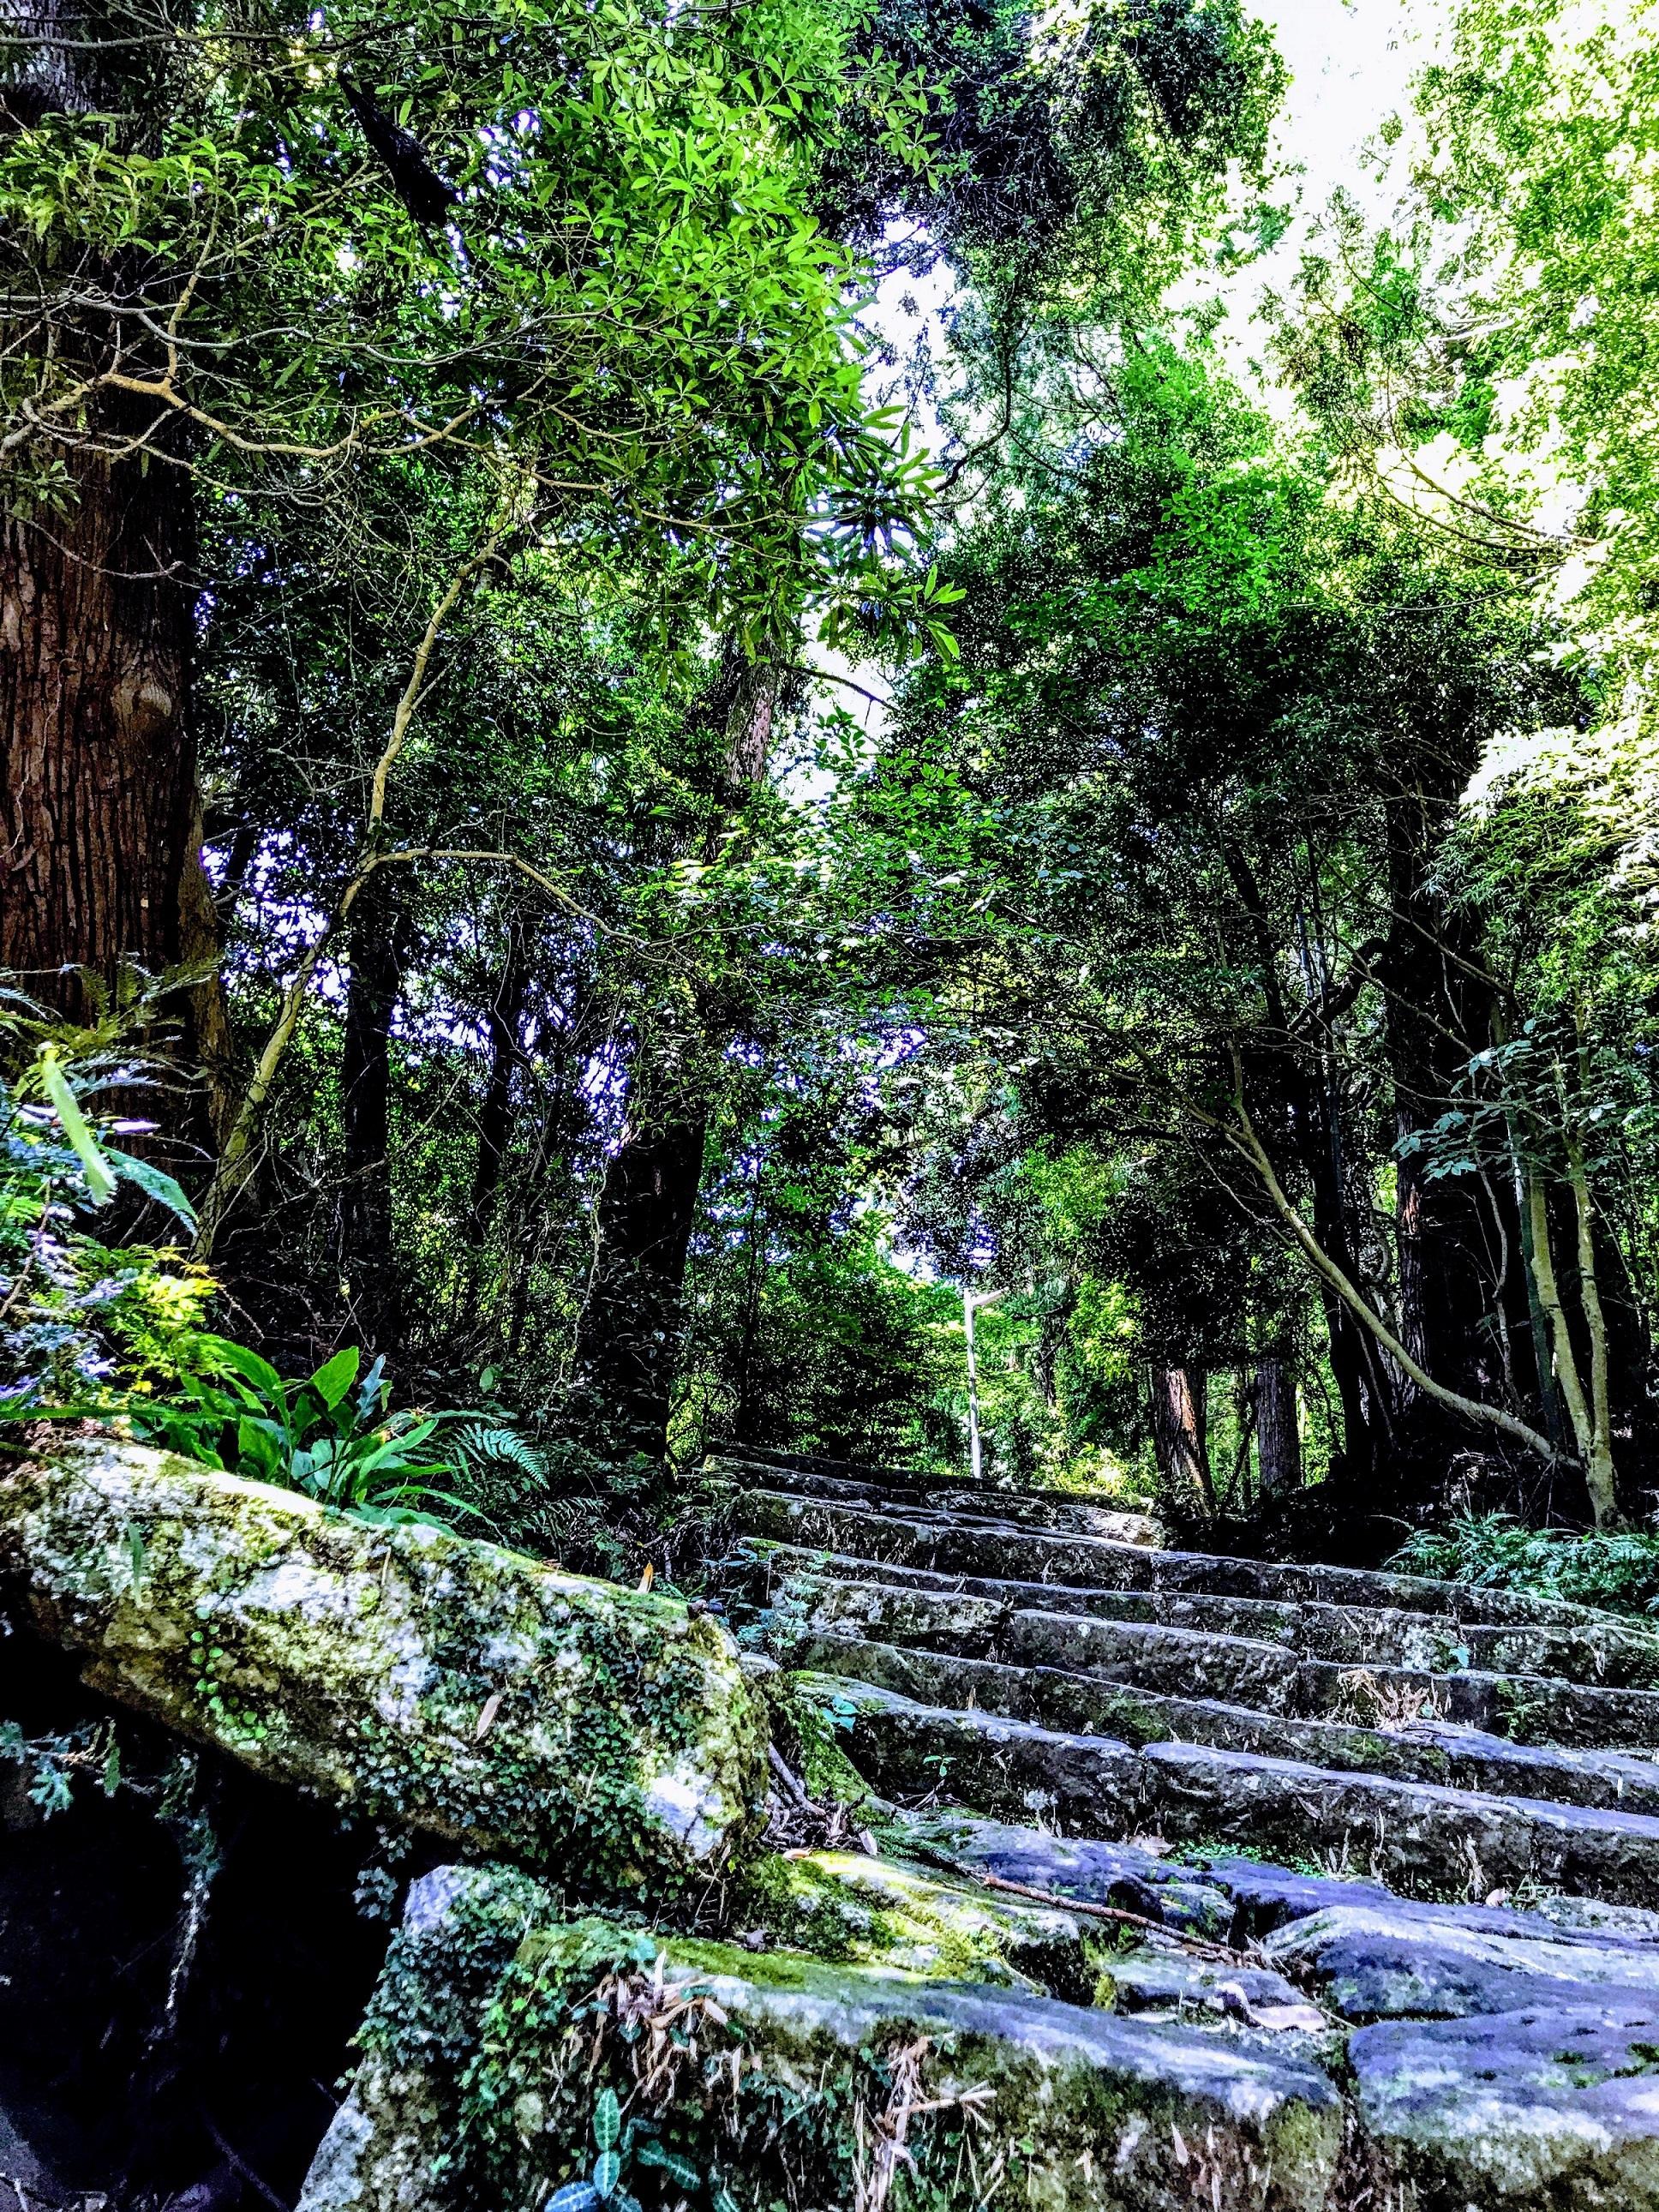 世界遺産「熊野古道」に行ってきました^^帰省や南紀白浜、伊勢志摩などトータル走行距離1500kmのドライブ旅行♪